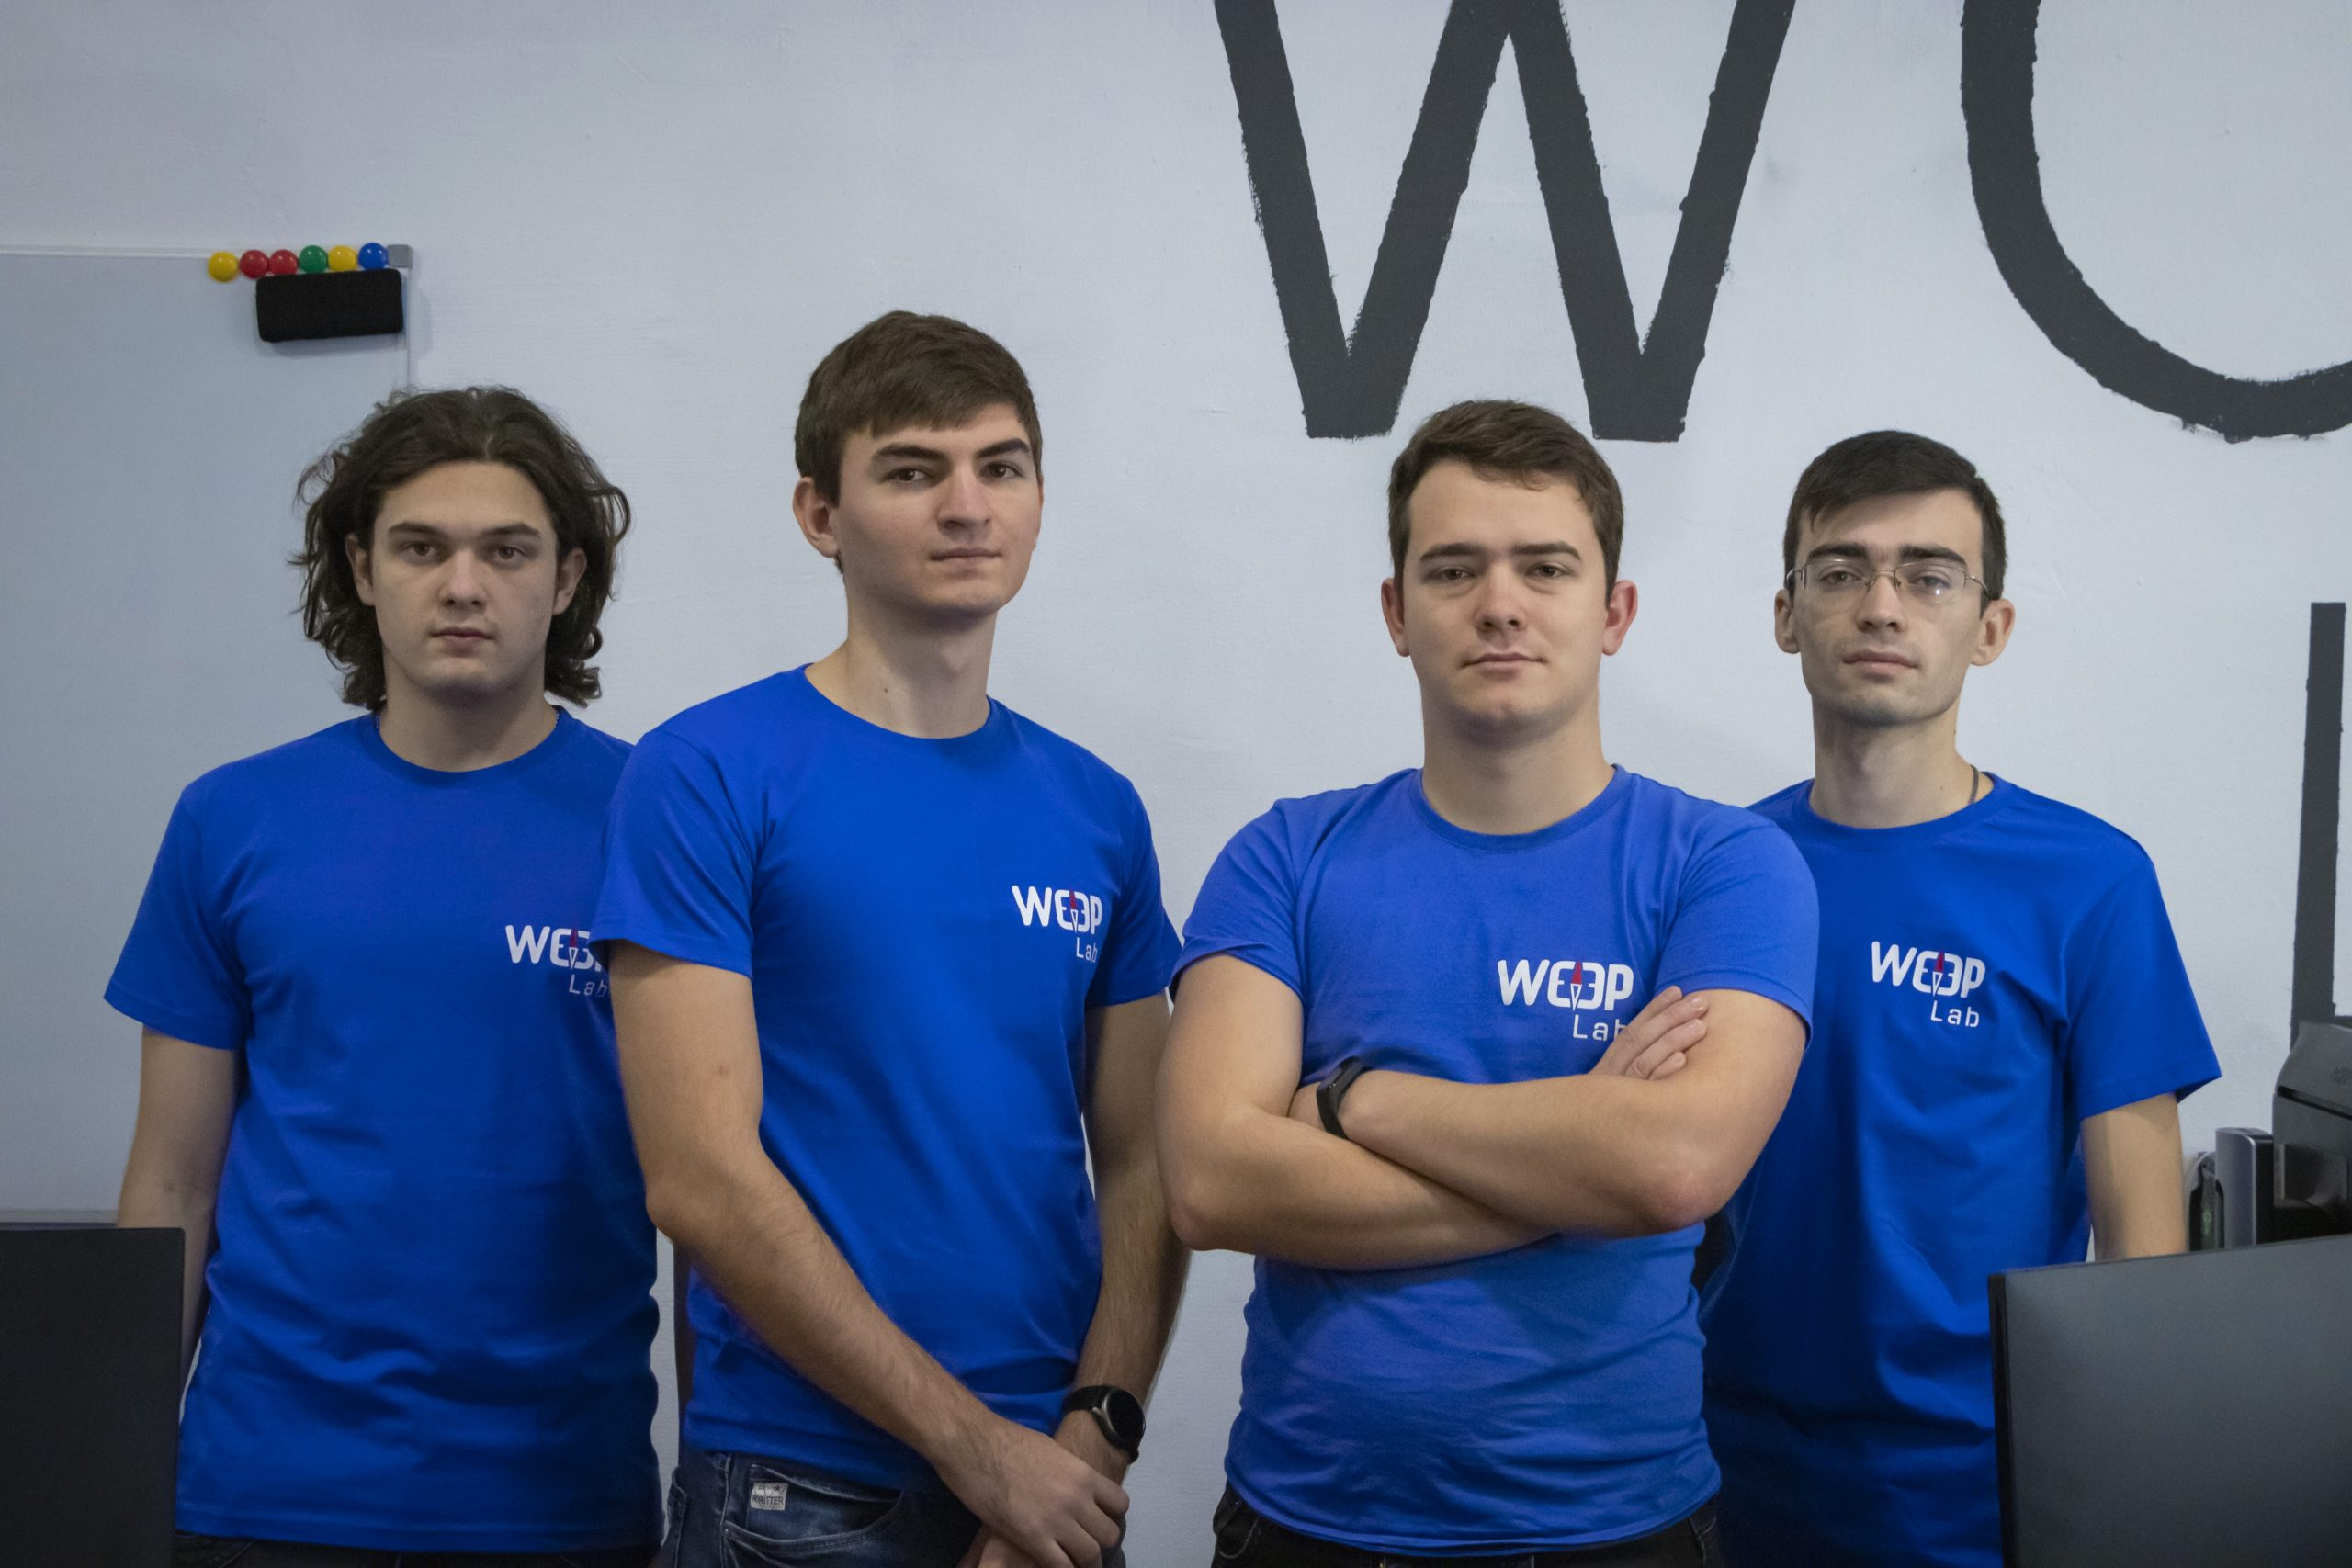 Wop Lab